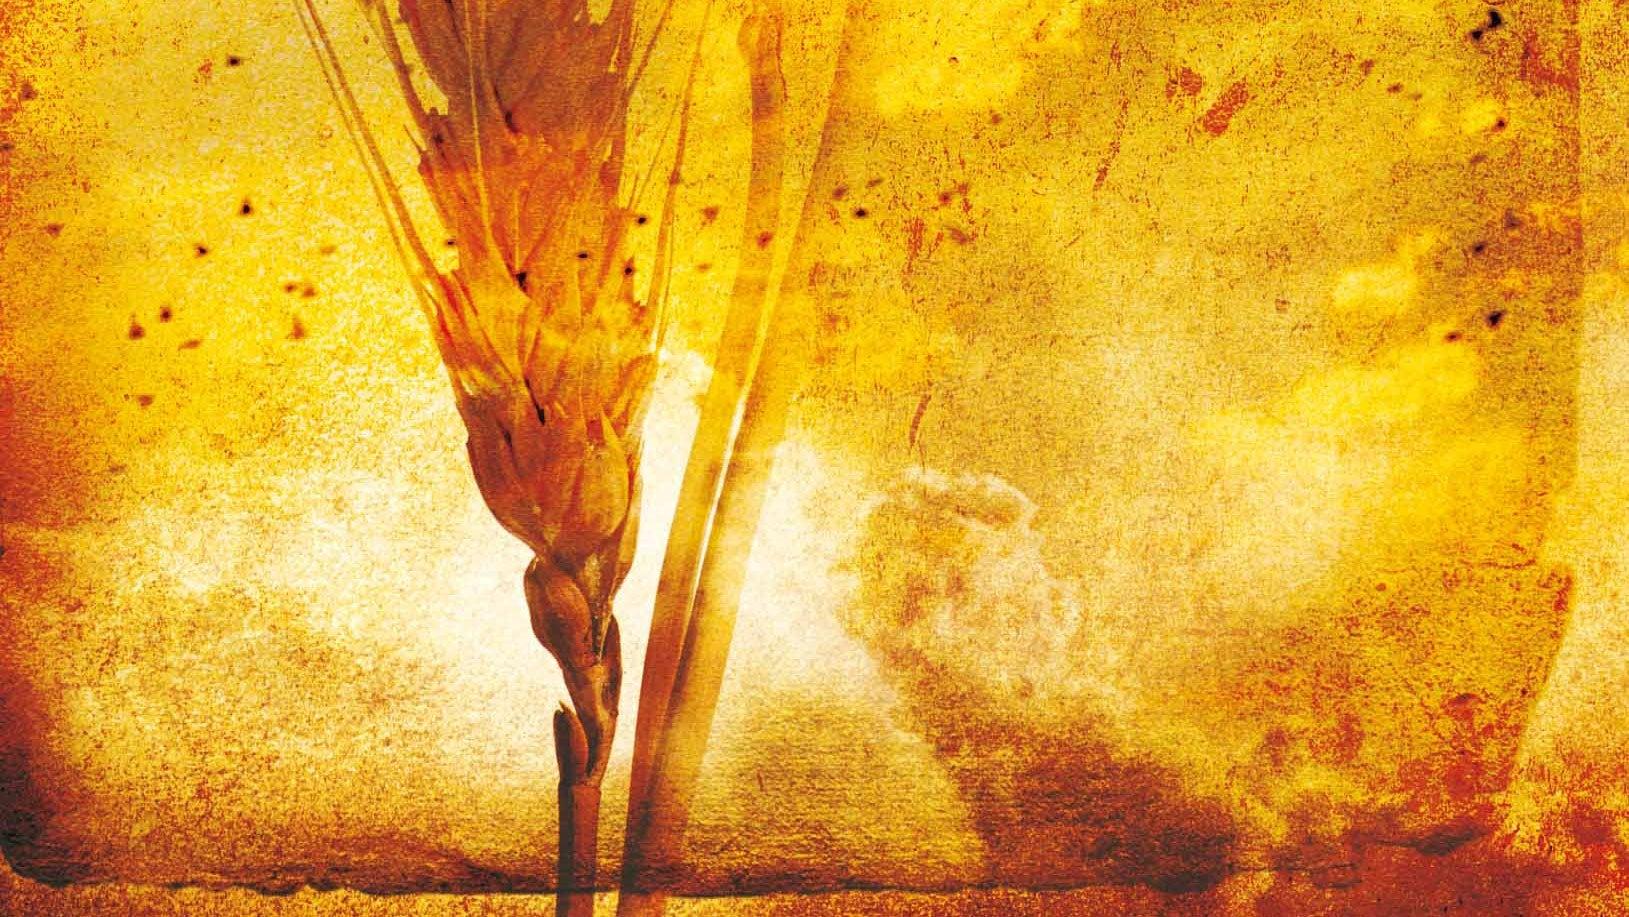 Close up watercolour painting of barley